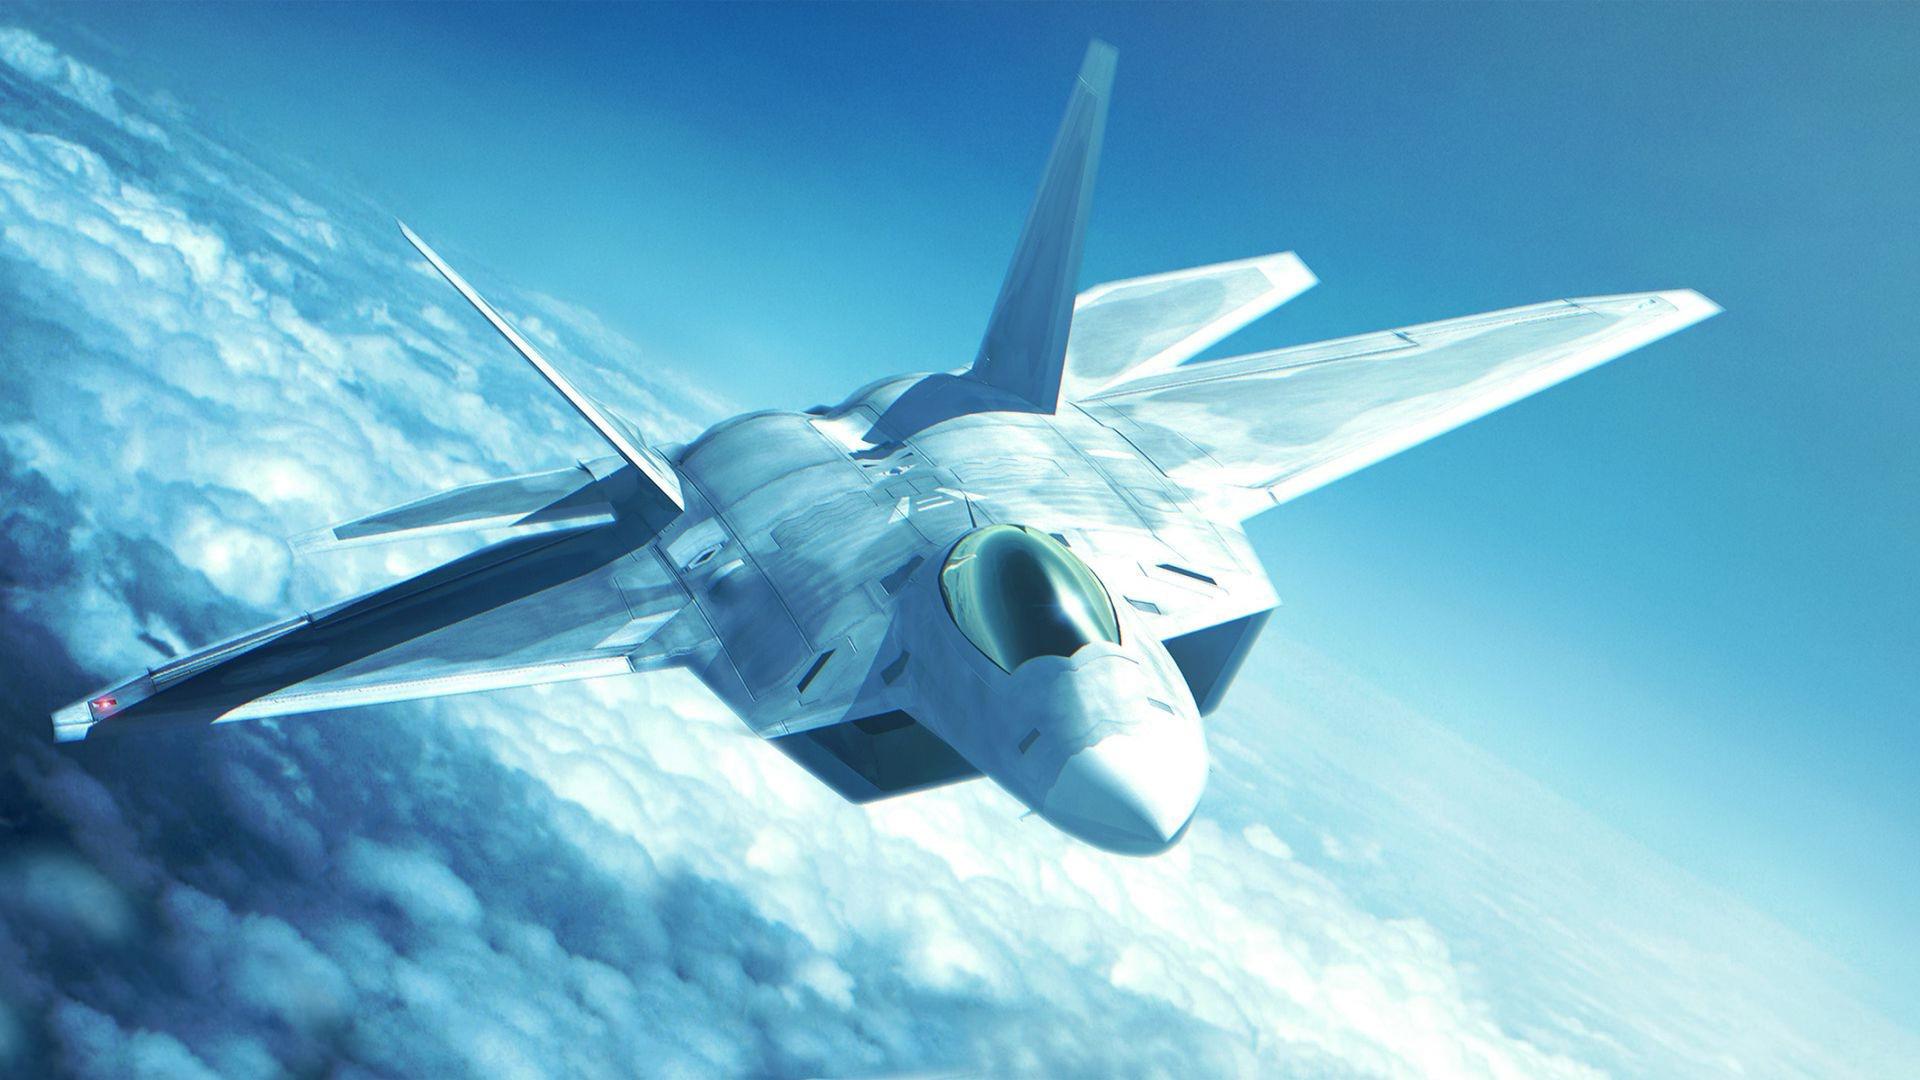 Free Download Ace Combat X Skies Of Decept Wallpaper 7796